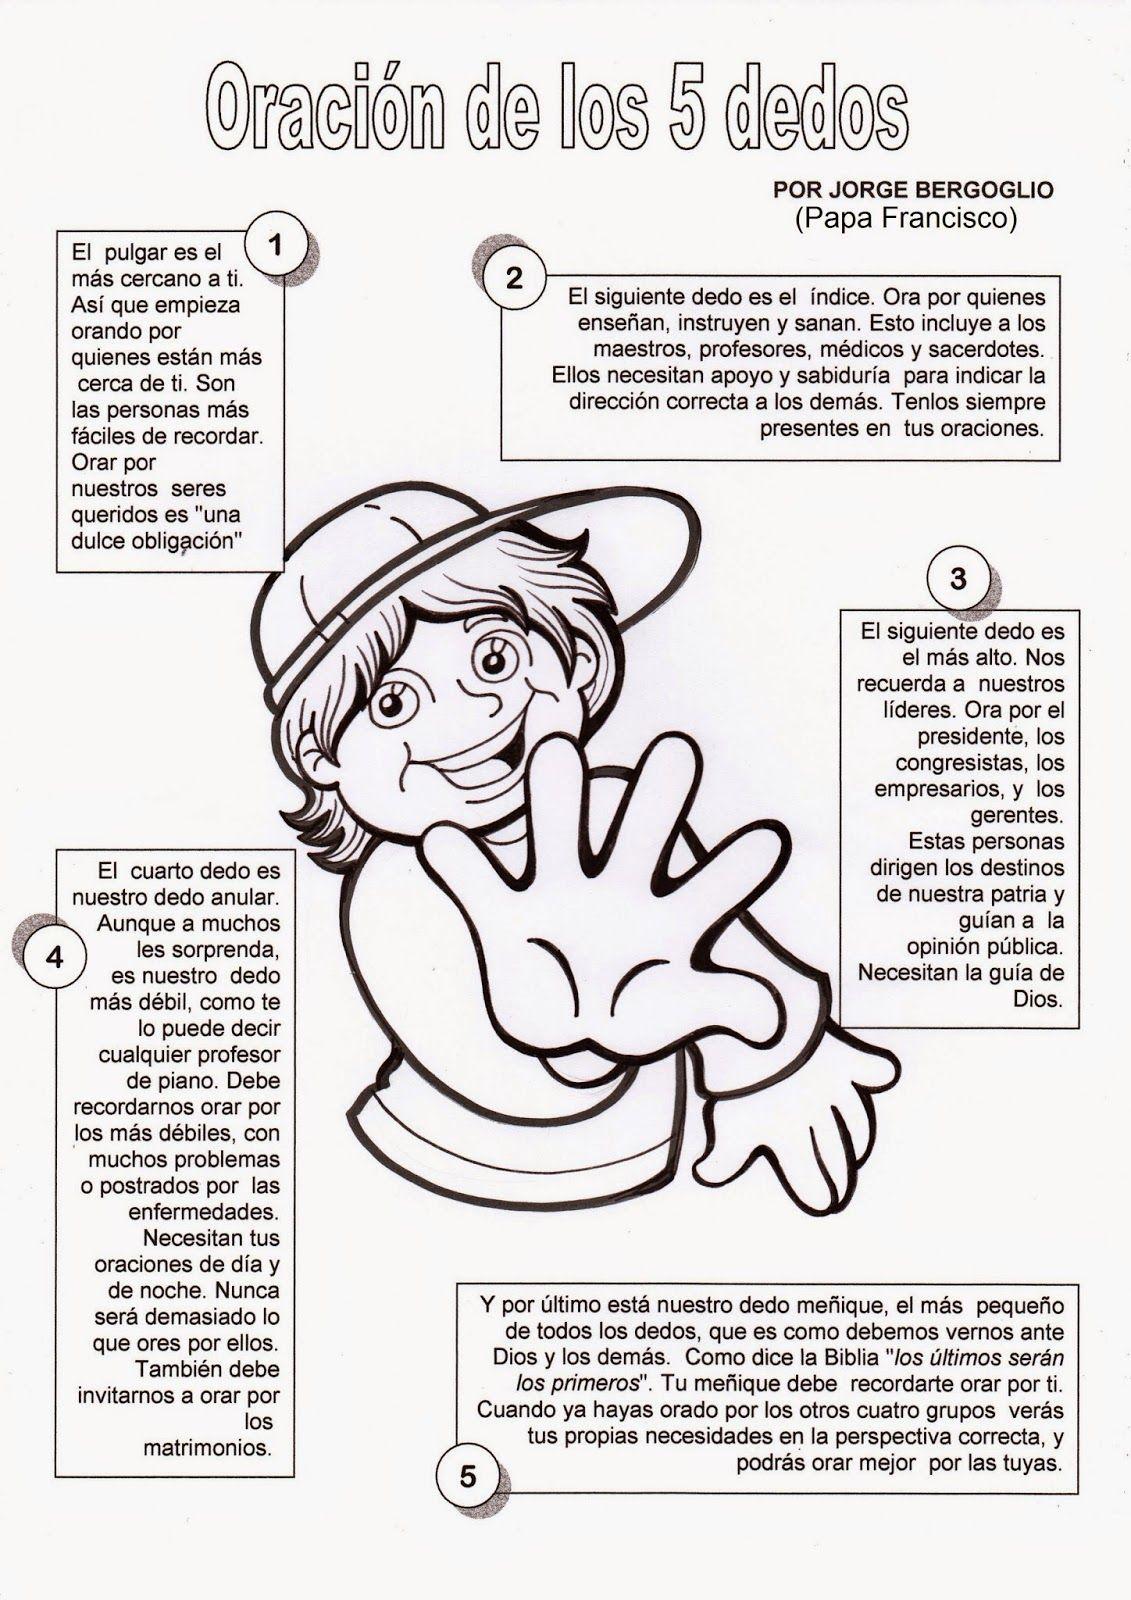 Ideas para clases d niños | Trabajos manuales Ovejitas en 2018 ...